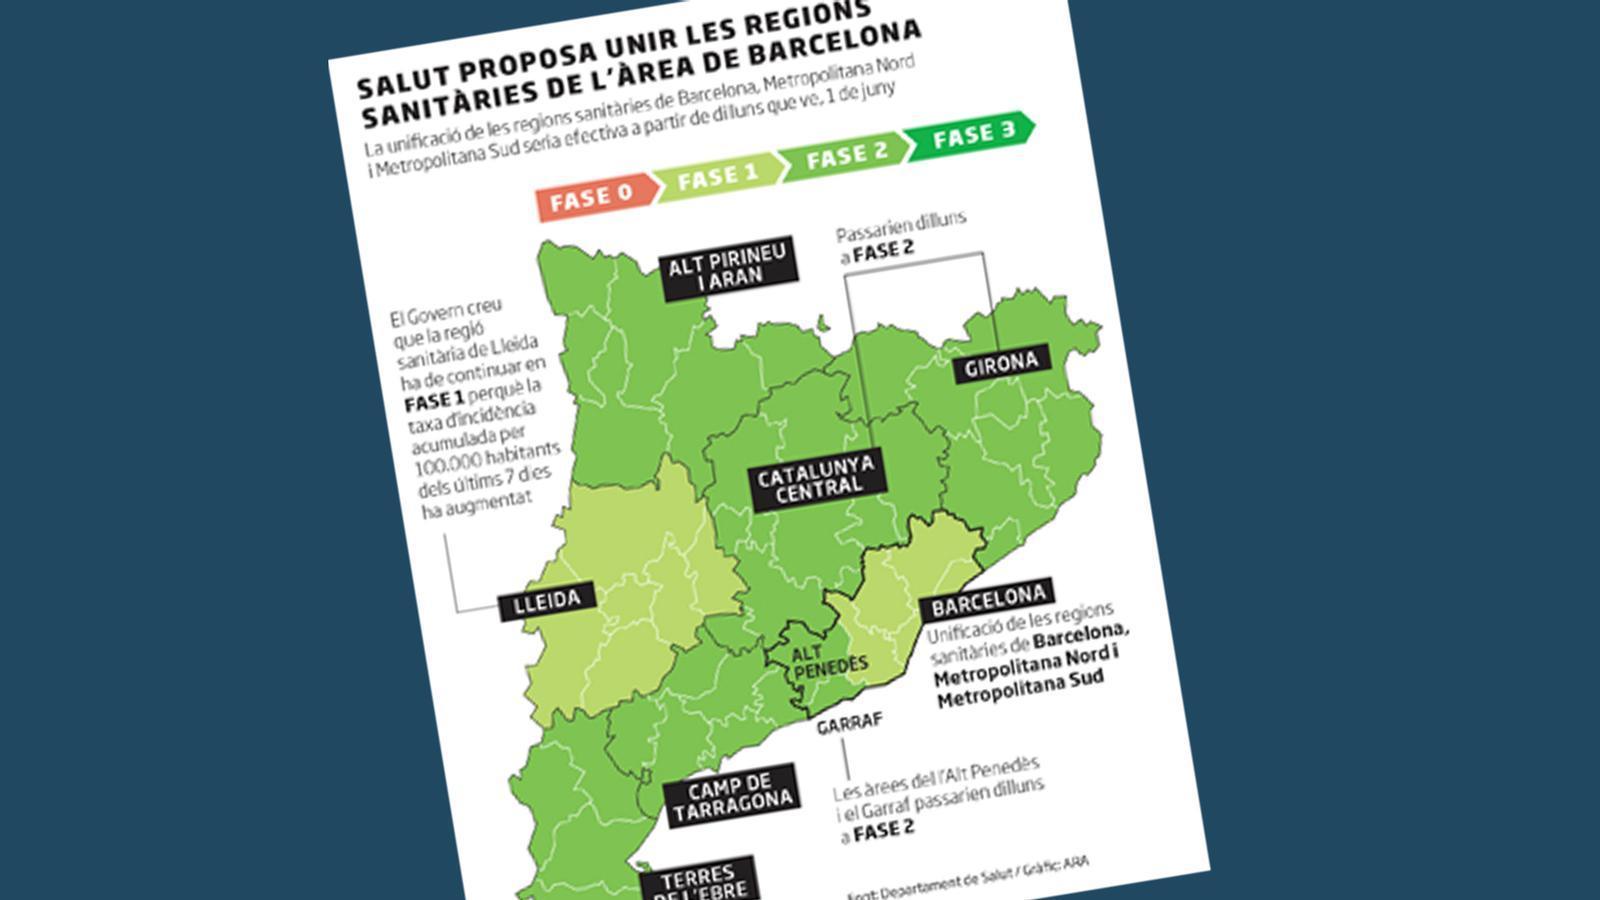 El Govern proposa unificar les regions sanitàries de Barcelona i Marlaska es va sentir traït per Pérez de los Cobos: les claus del dia, amb Antoni Bassas (26/05/2020)